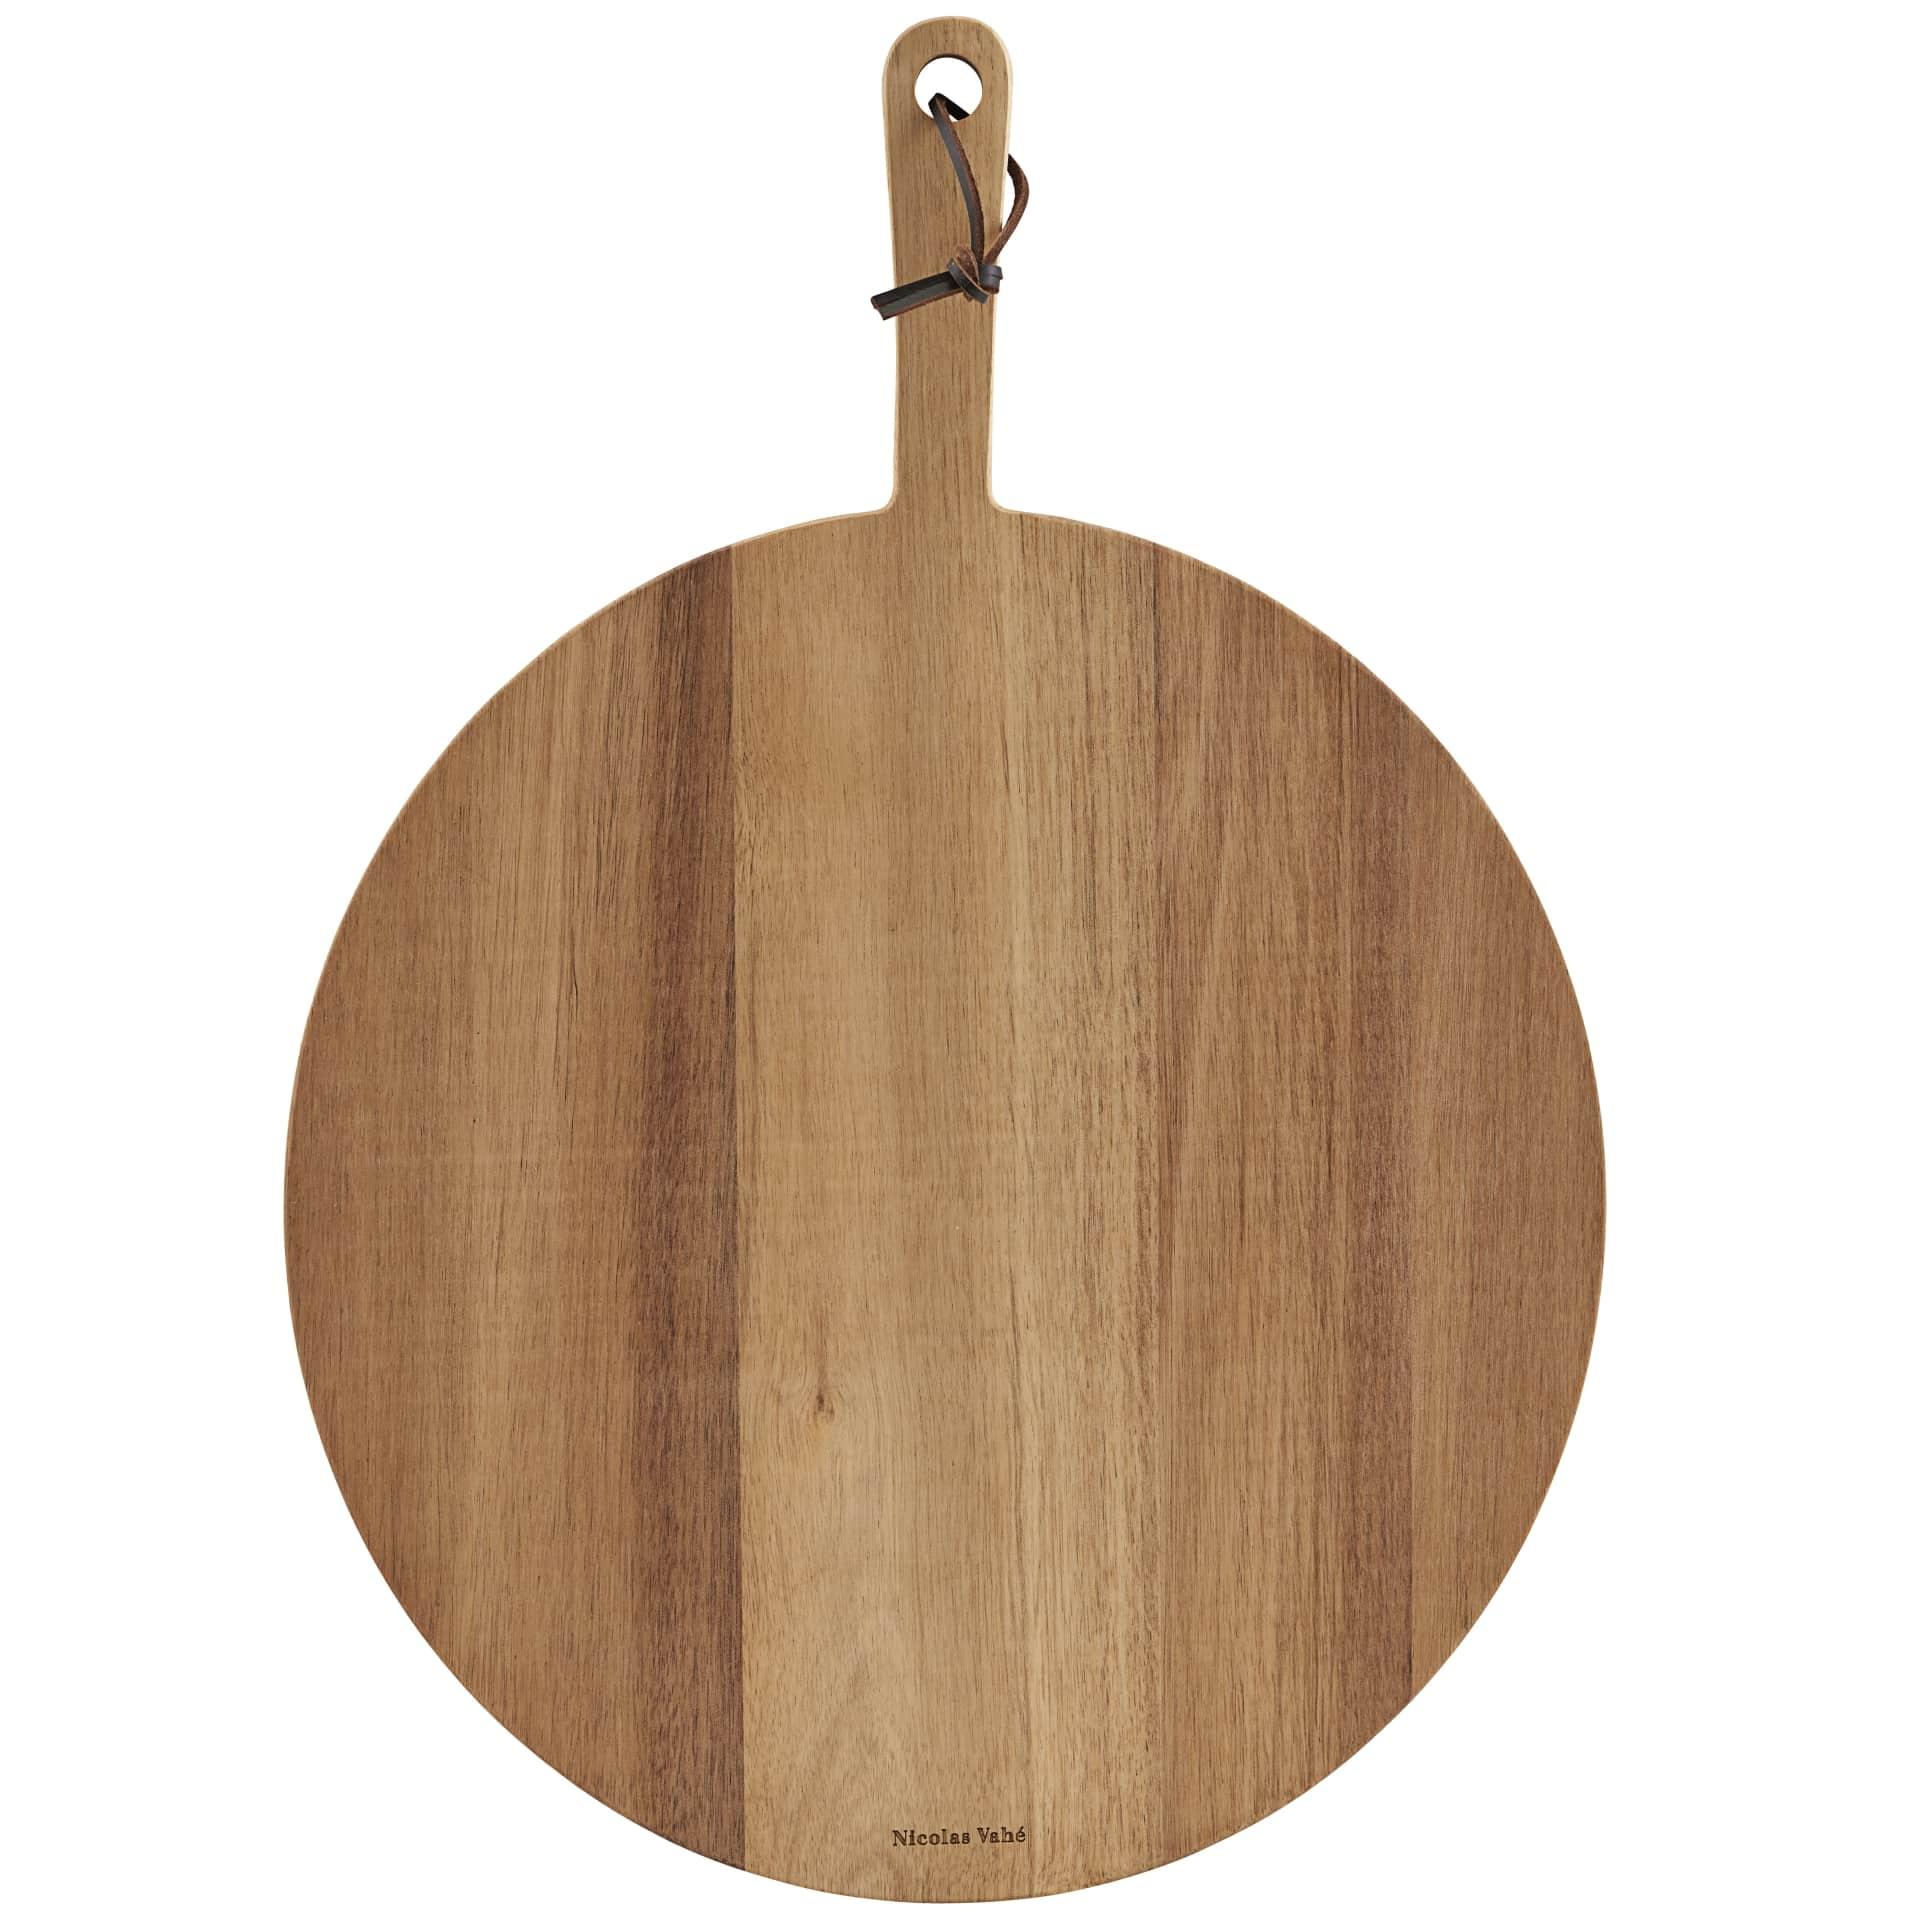 Nicolas Vahé Dřevěné prkénko na pizzu Acacia, hnědá barva, přírodní barva, dřevo